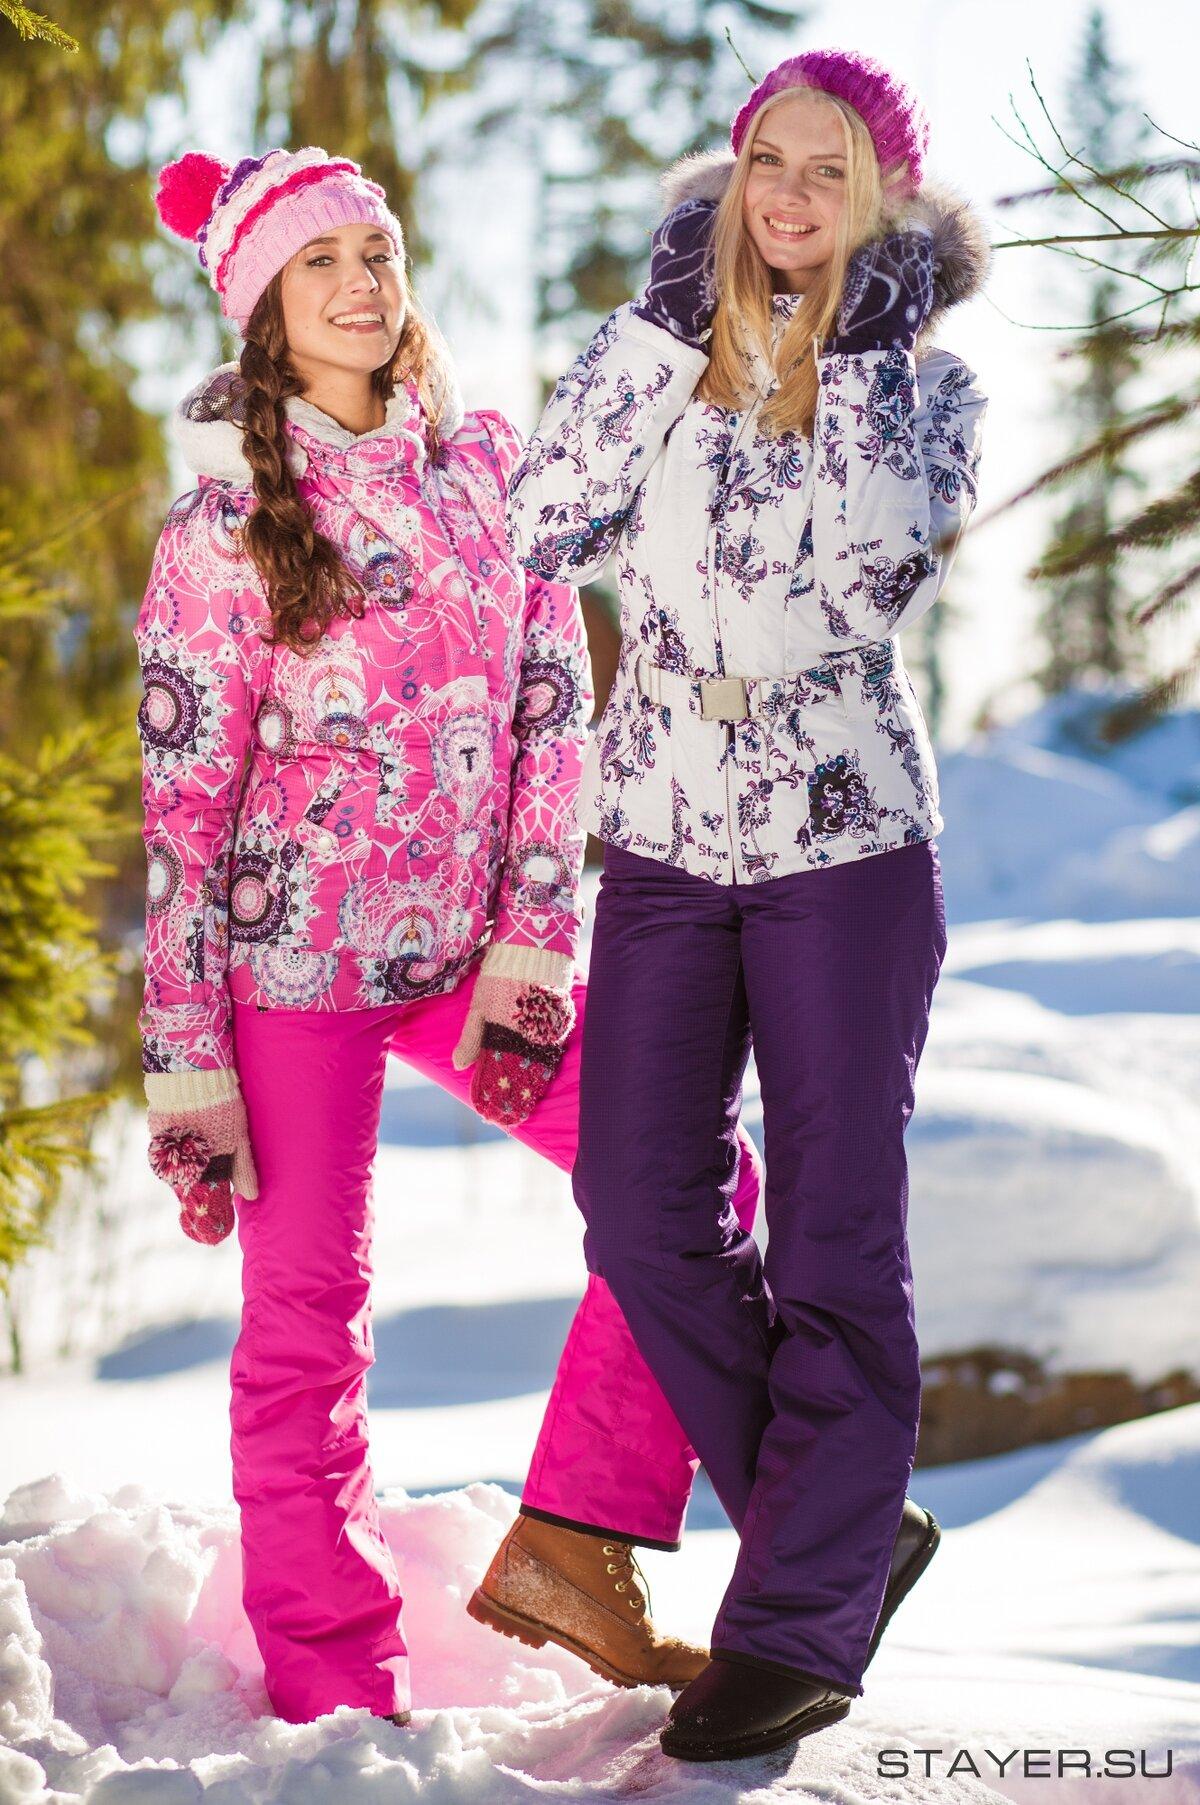 Одежда для зимы картинки